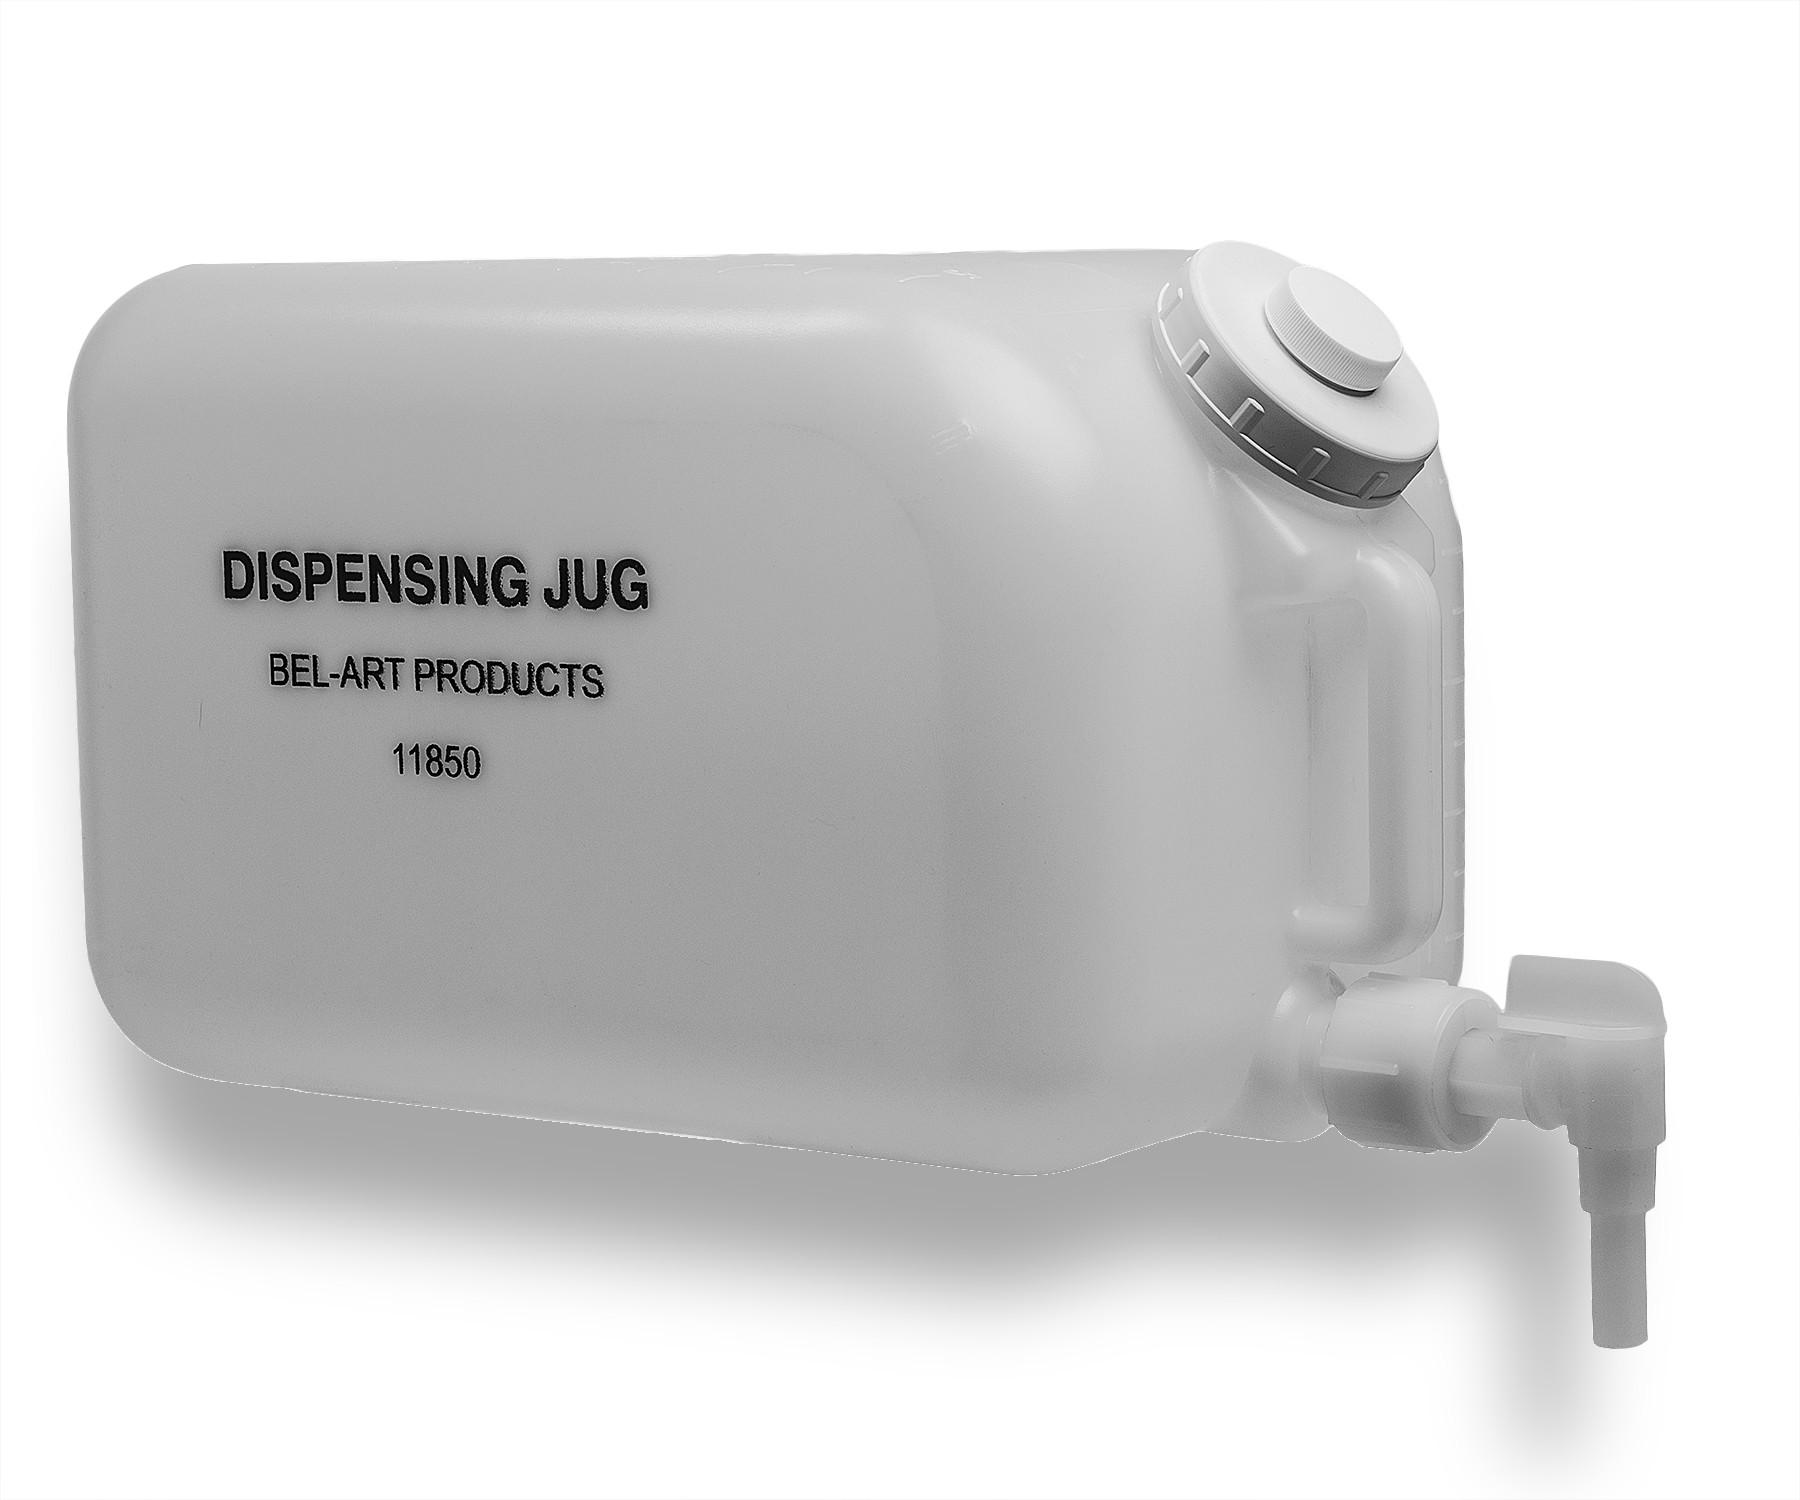 Dispensing Jug